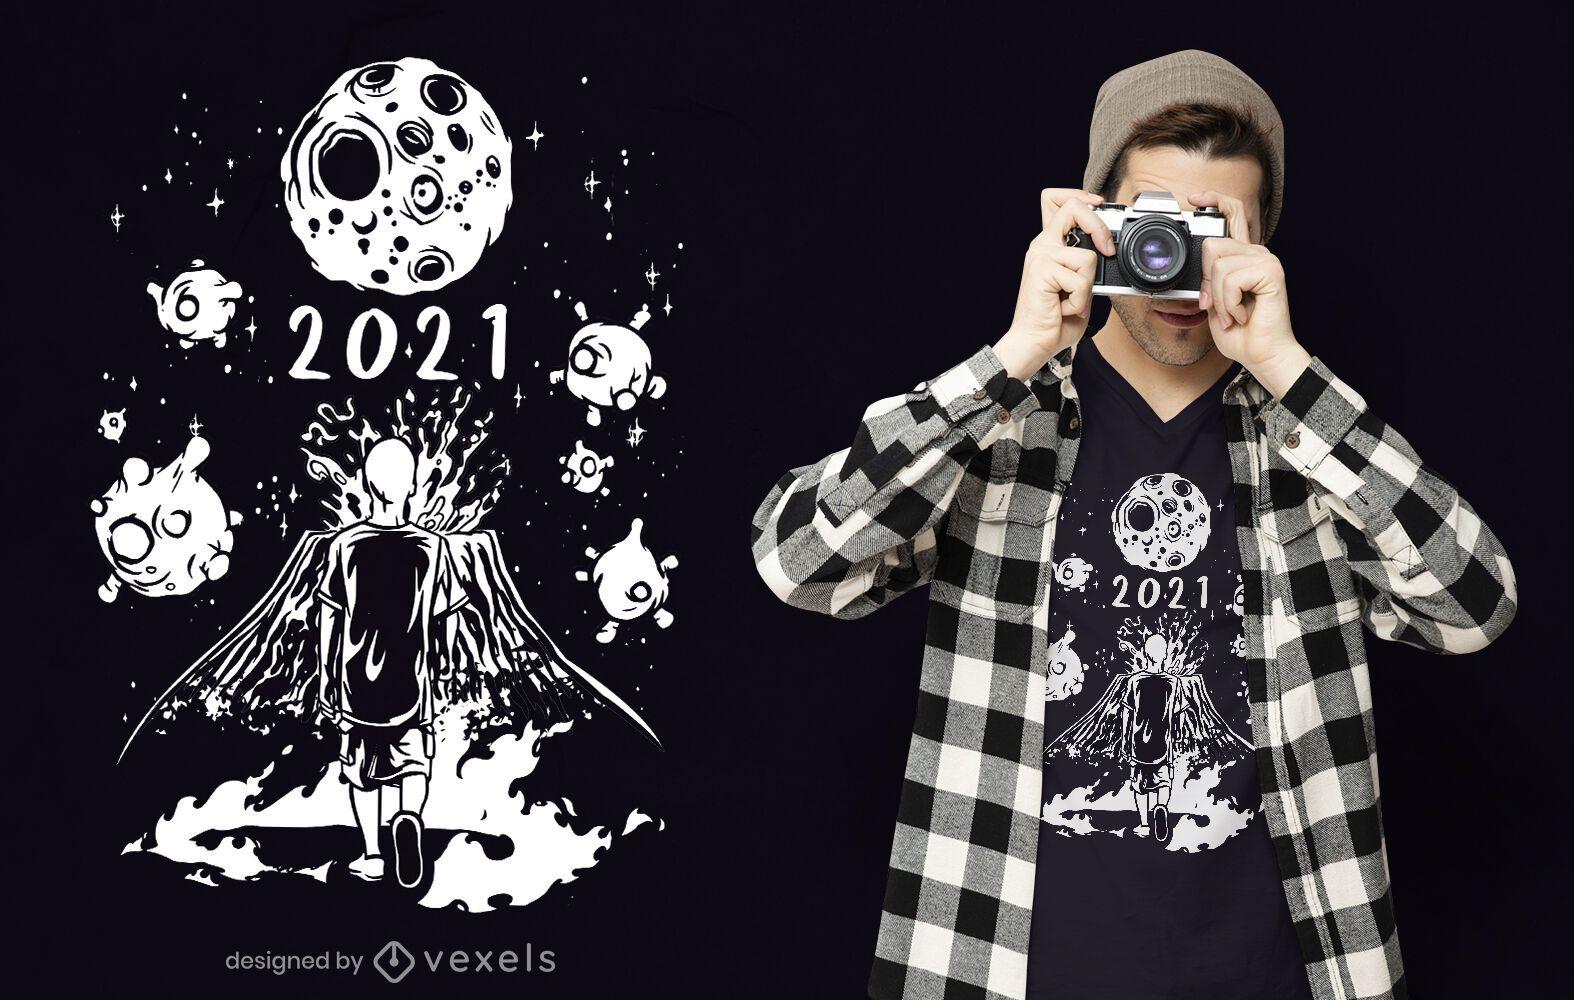 Doomed 2021 t-shirt design